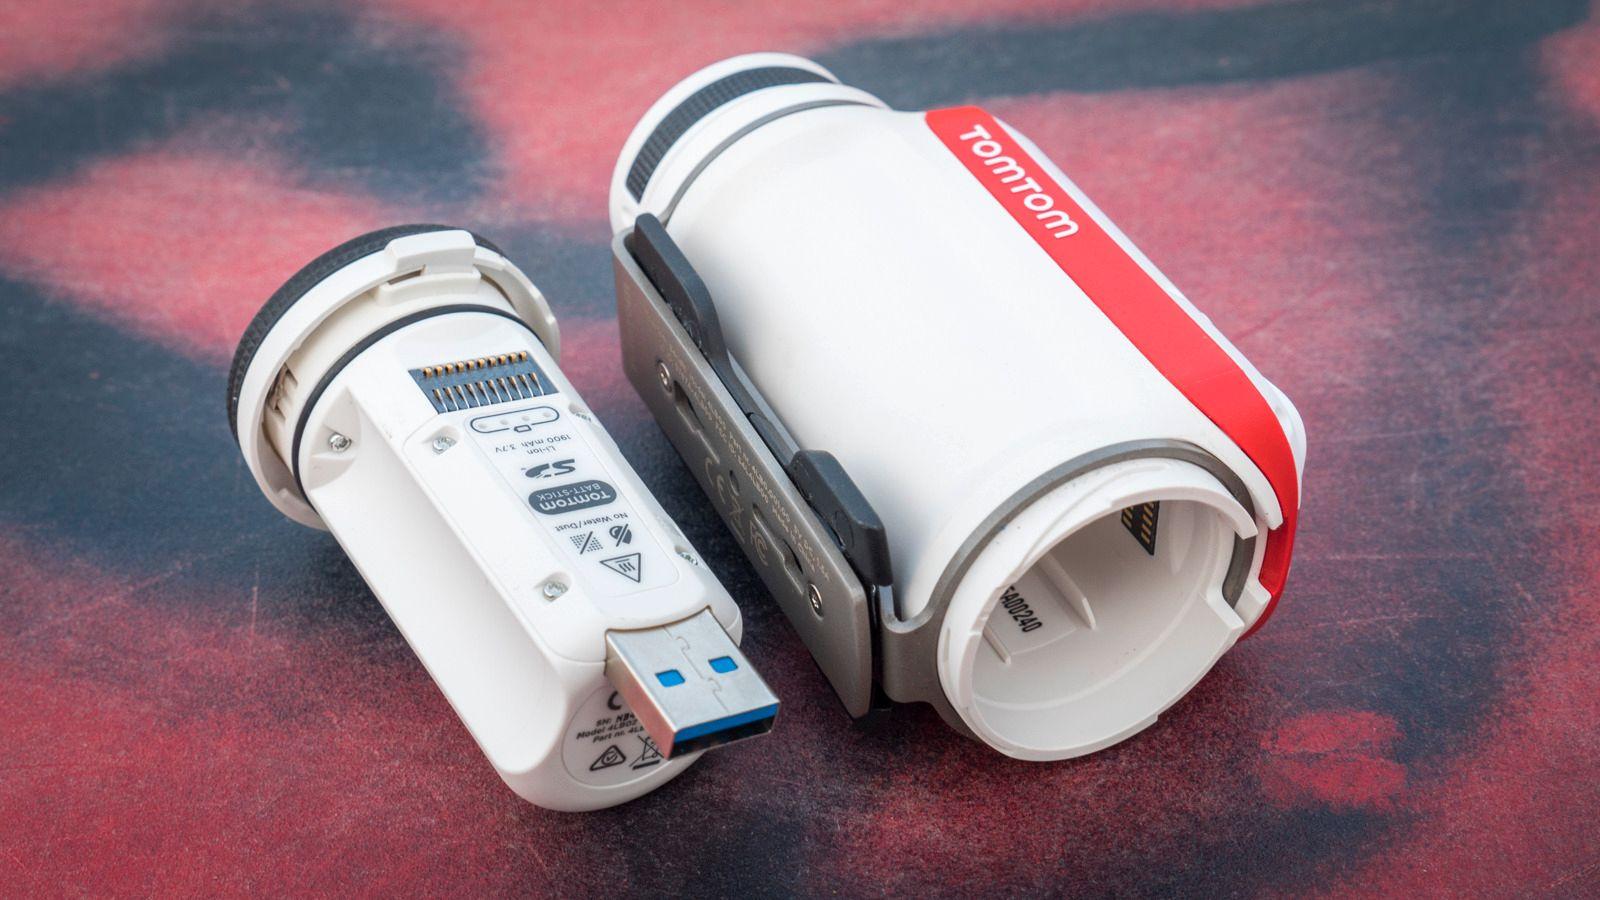 Du kan skru ut hele bakstykket, og lade batteriet ved å koble det i en USB-port.